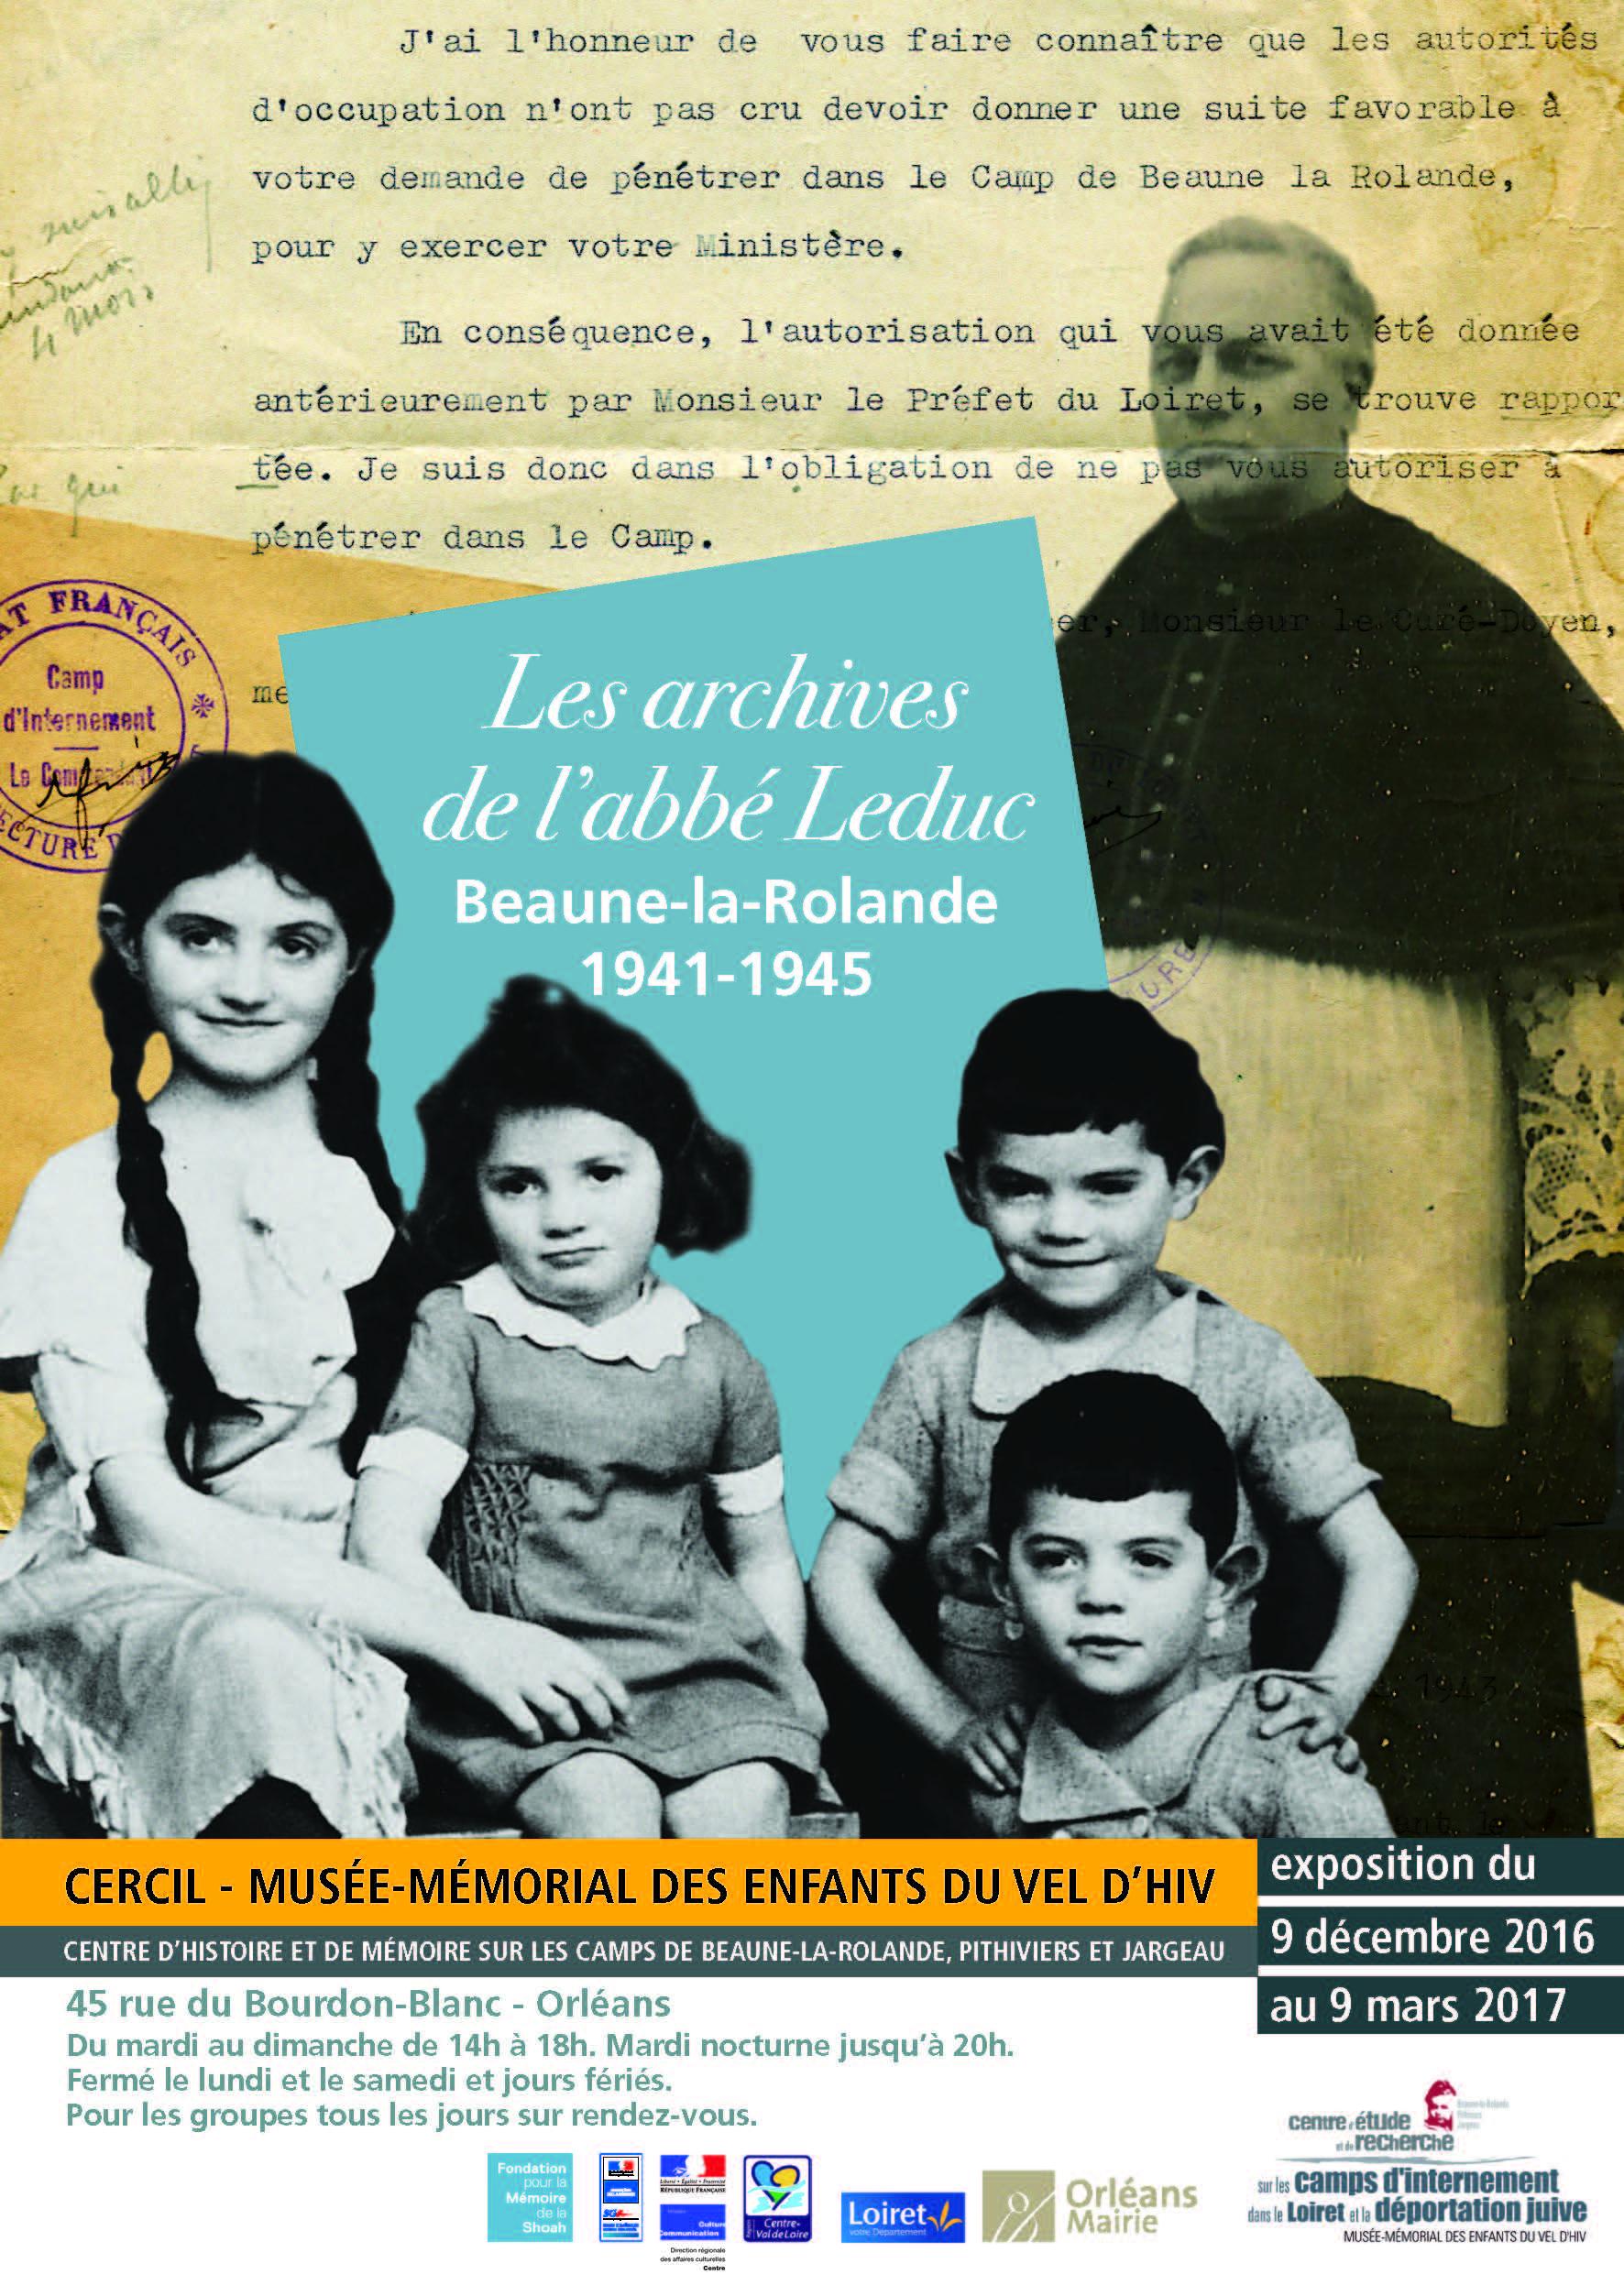 Les archives de l'abbé Leduc,  Beaune-la-Rolande, 1945-1941 - Visite guidée, avec François Maurin